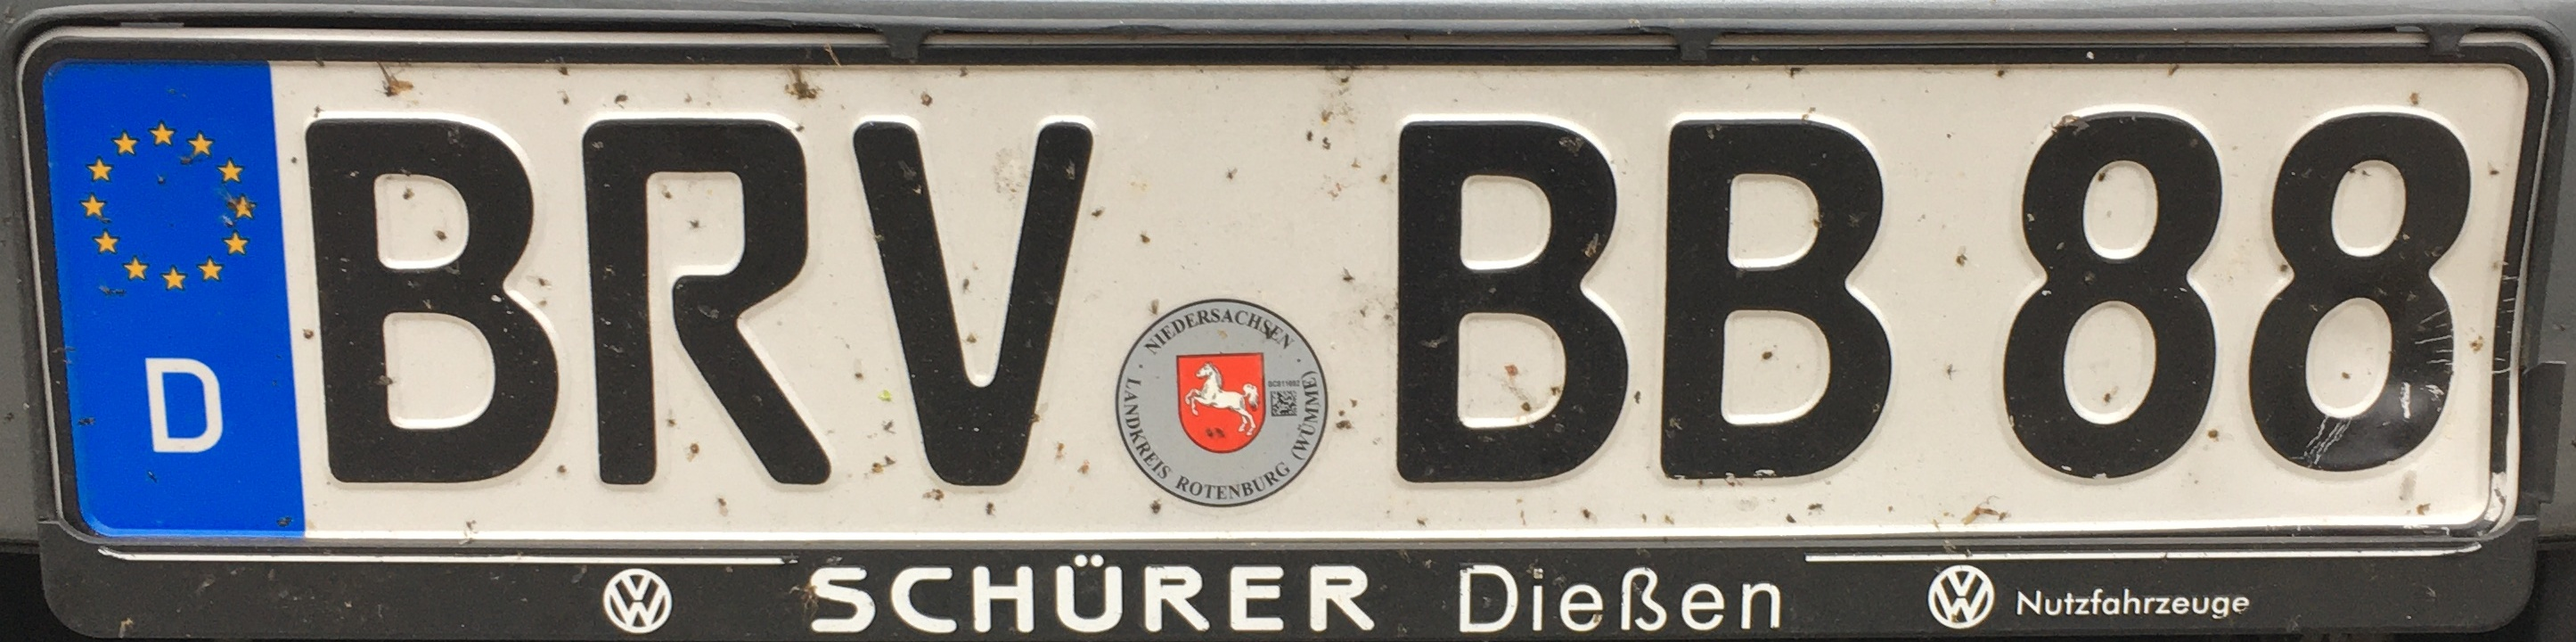 Registrační značky Německo - BRV - Bremervörde, foto: www.podalnici.cz